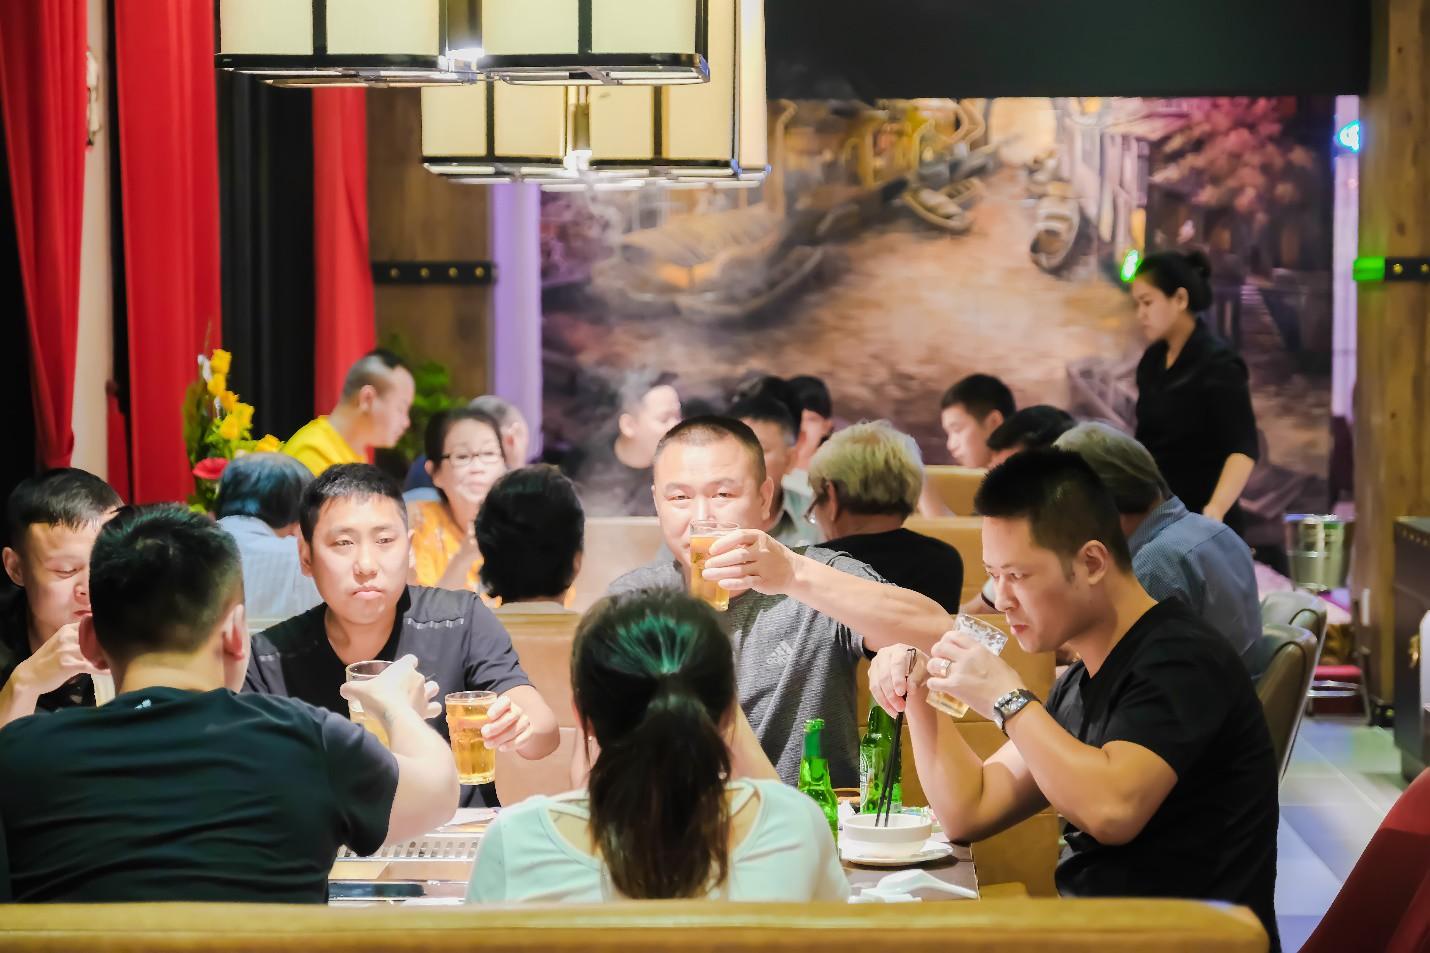 Đà Nẵng xuất hiện nhà hàng đẹp như phim cổ trang Trung Quốc bạn đã checkin chưa? - Ảnh 5.